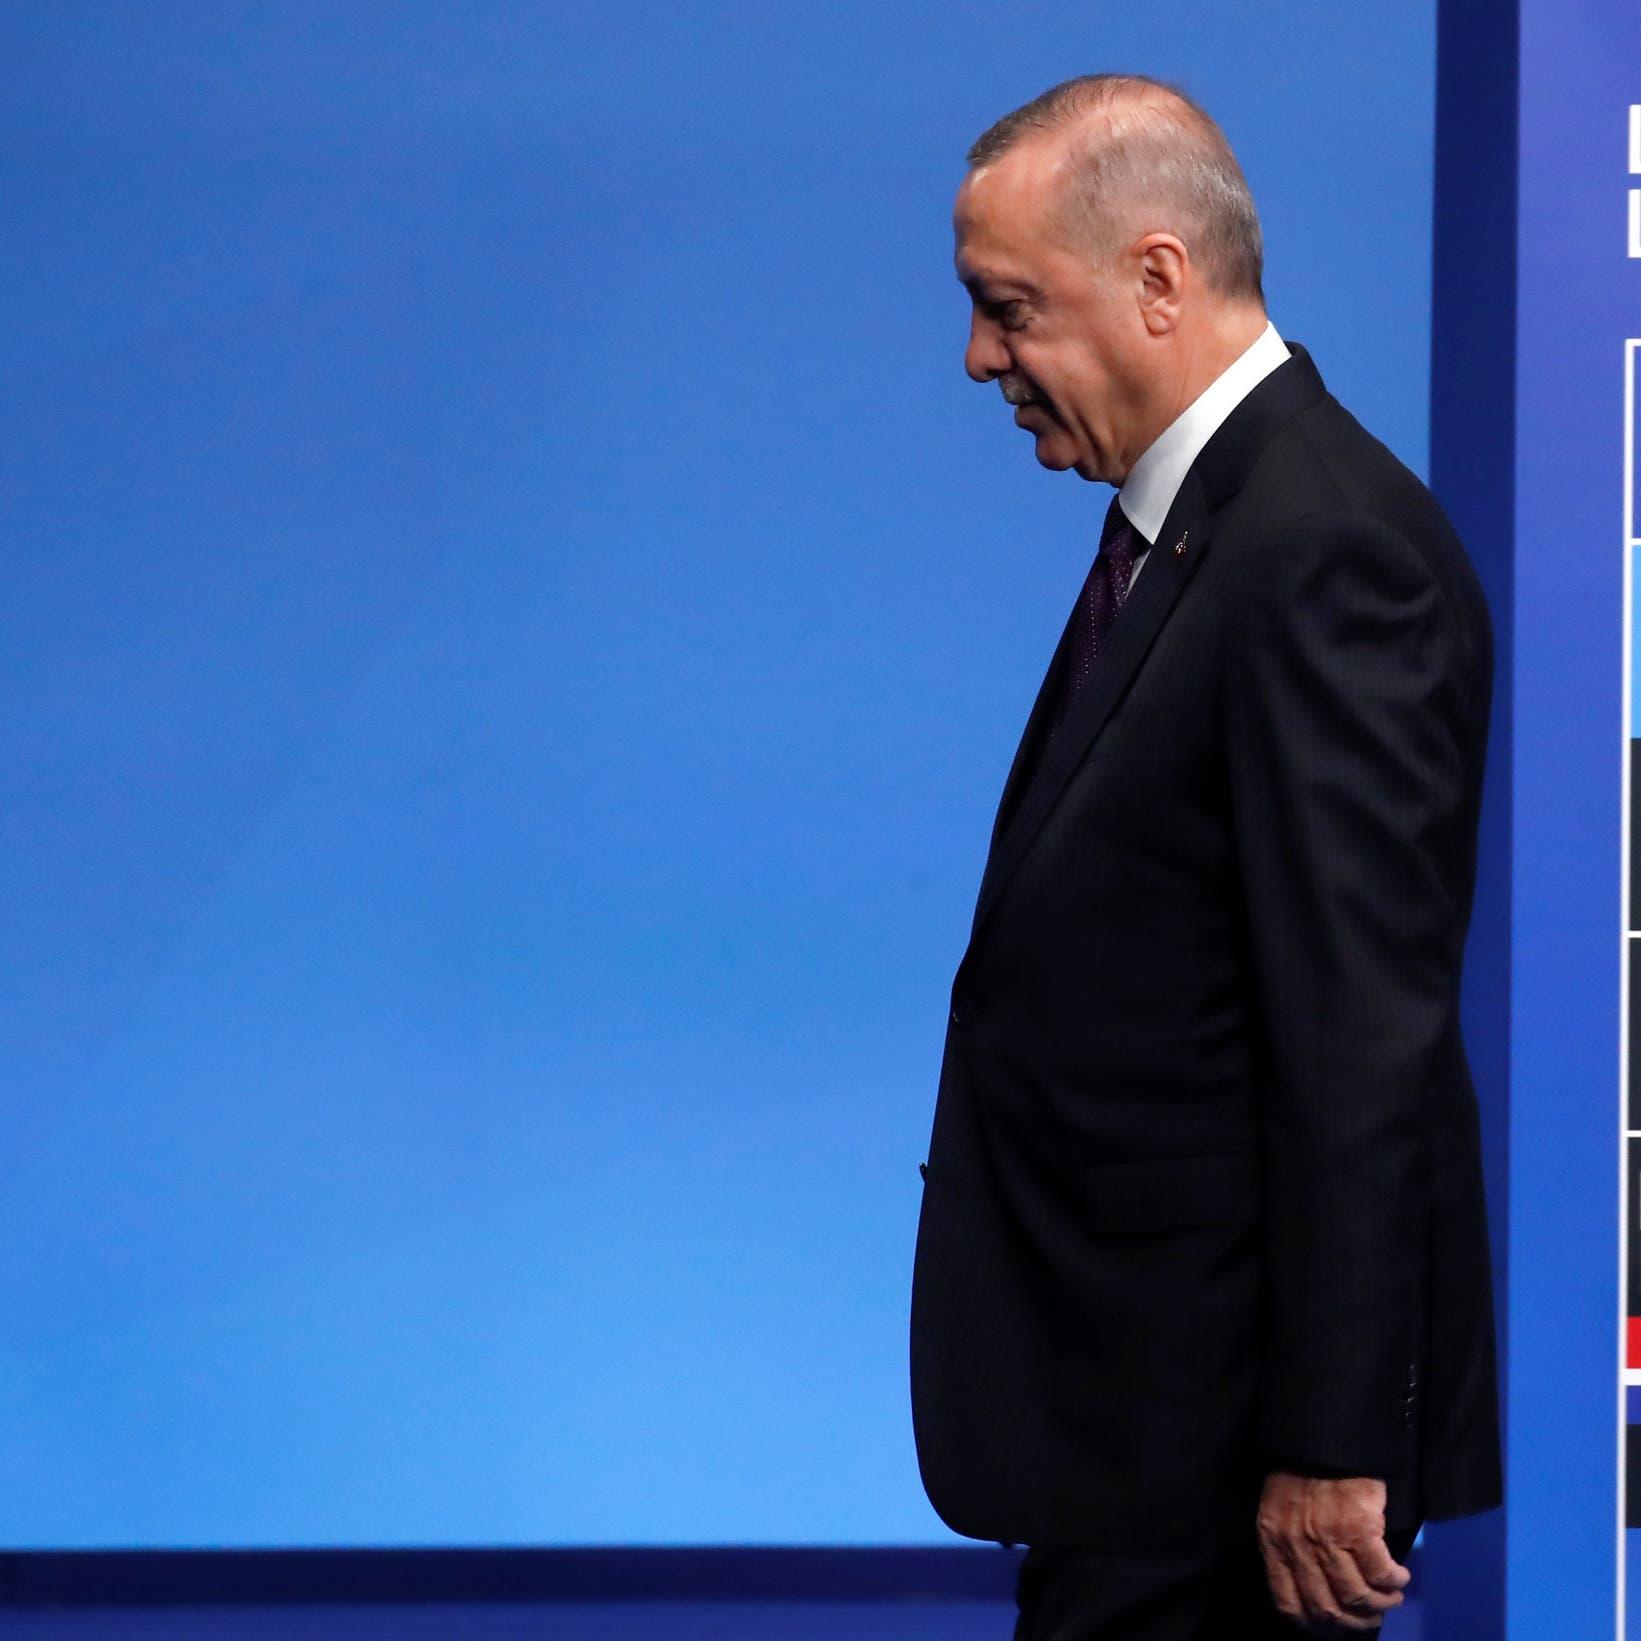 """بعد كومة خلافات تركته معزولاً.. أردوغان ينشُد """"صفحة جديدة"""" مع أميركا"""